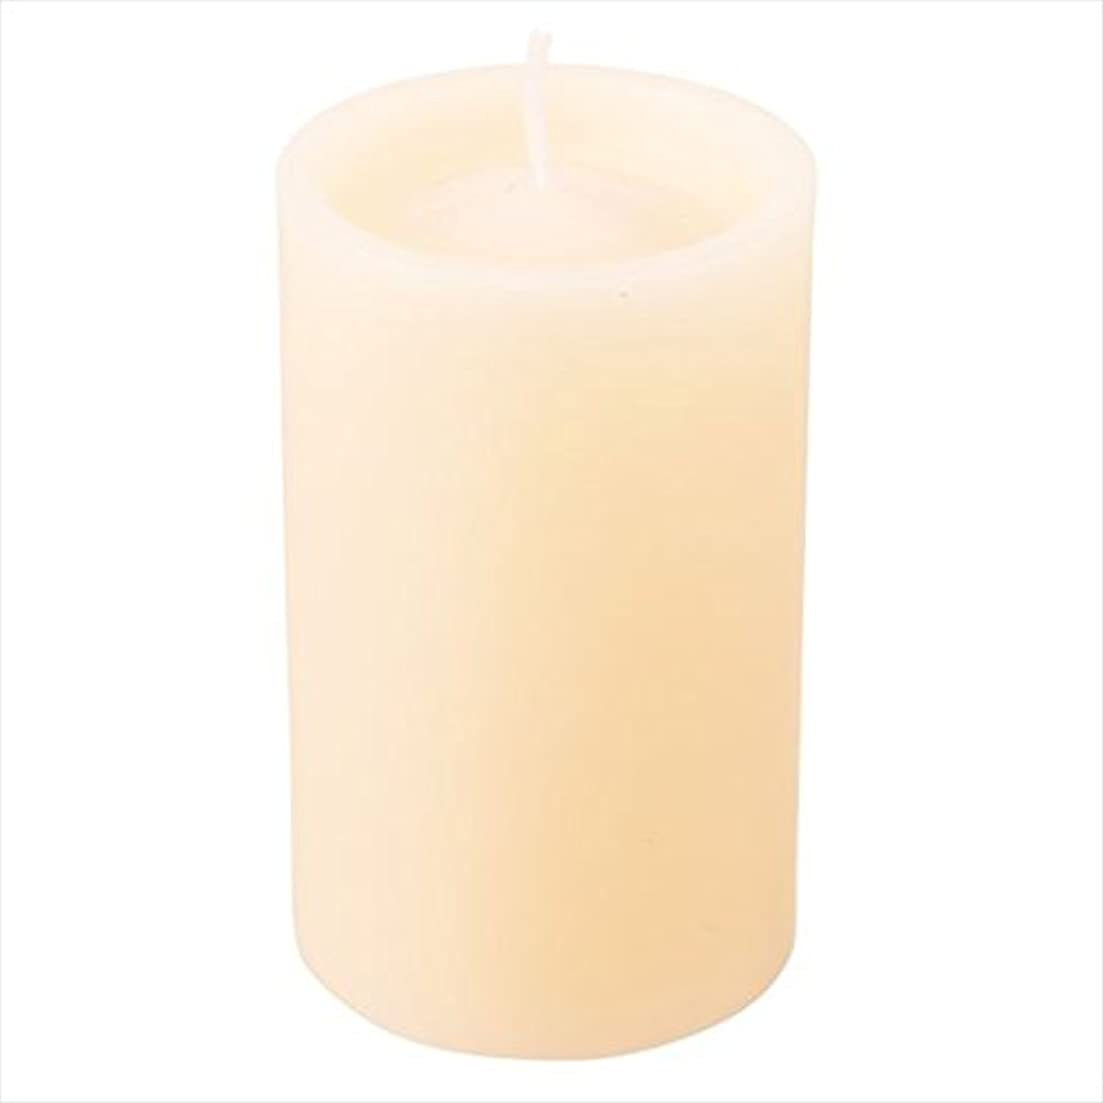 作物危険な役職カメヤマキャンドル(kameyama candle) ロイヤルラウンド60 「 ベージュ 」